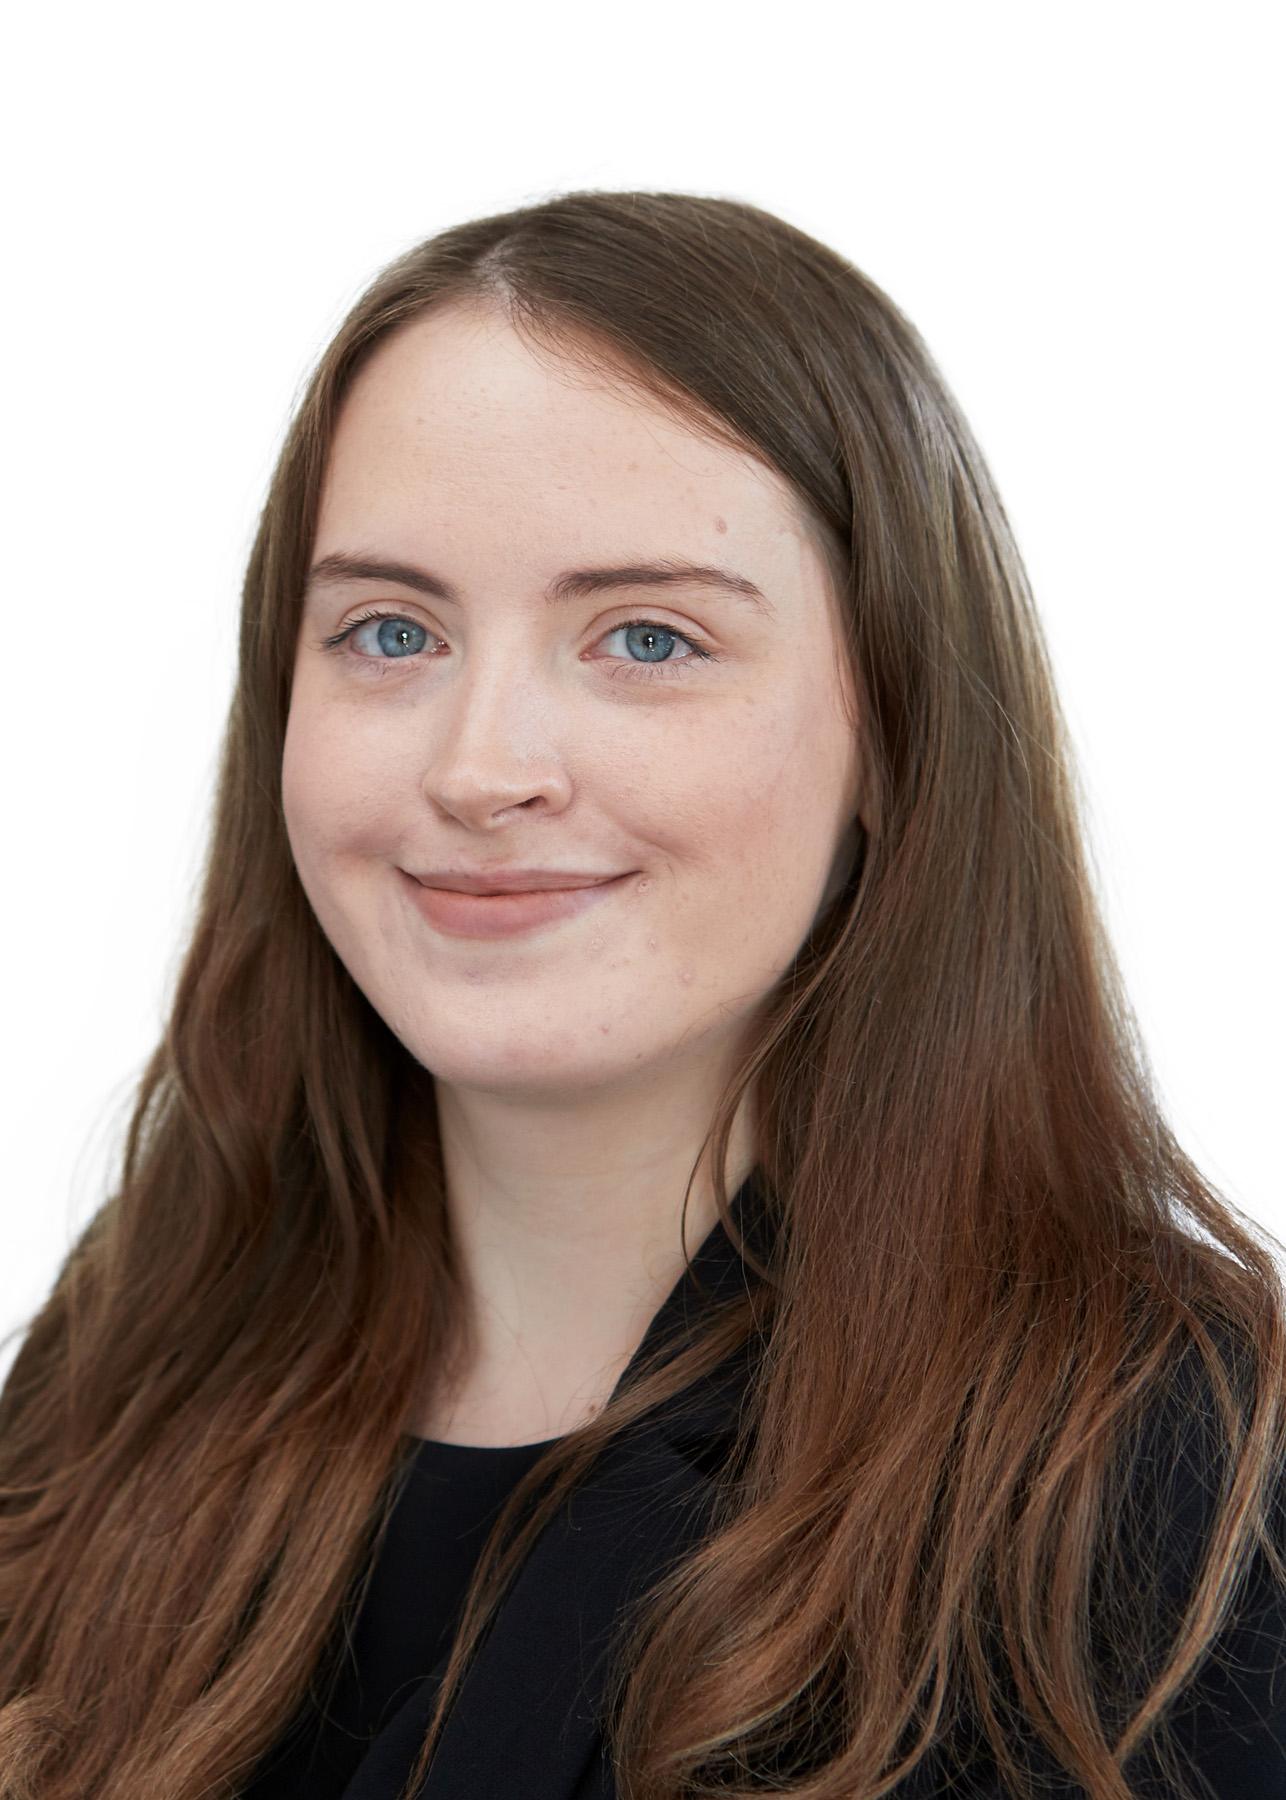 Aimee Lynch-Coleman